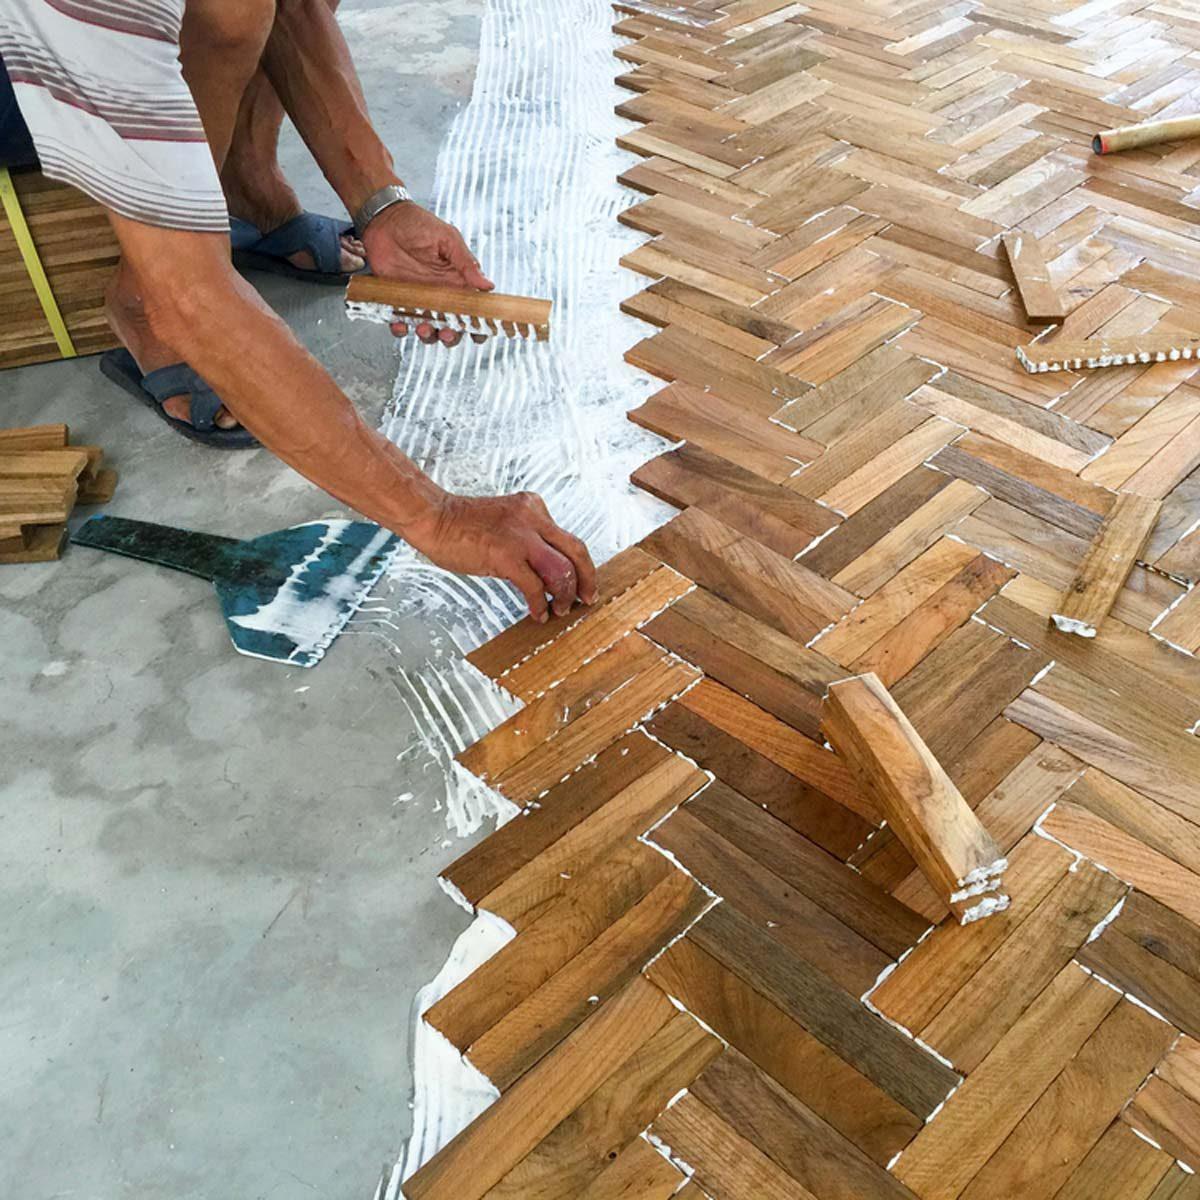 Wood Floor Trends: Parquet Hardwood